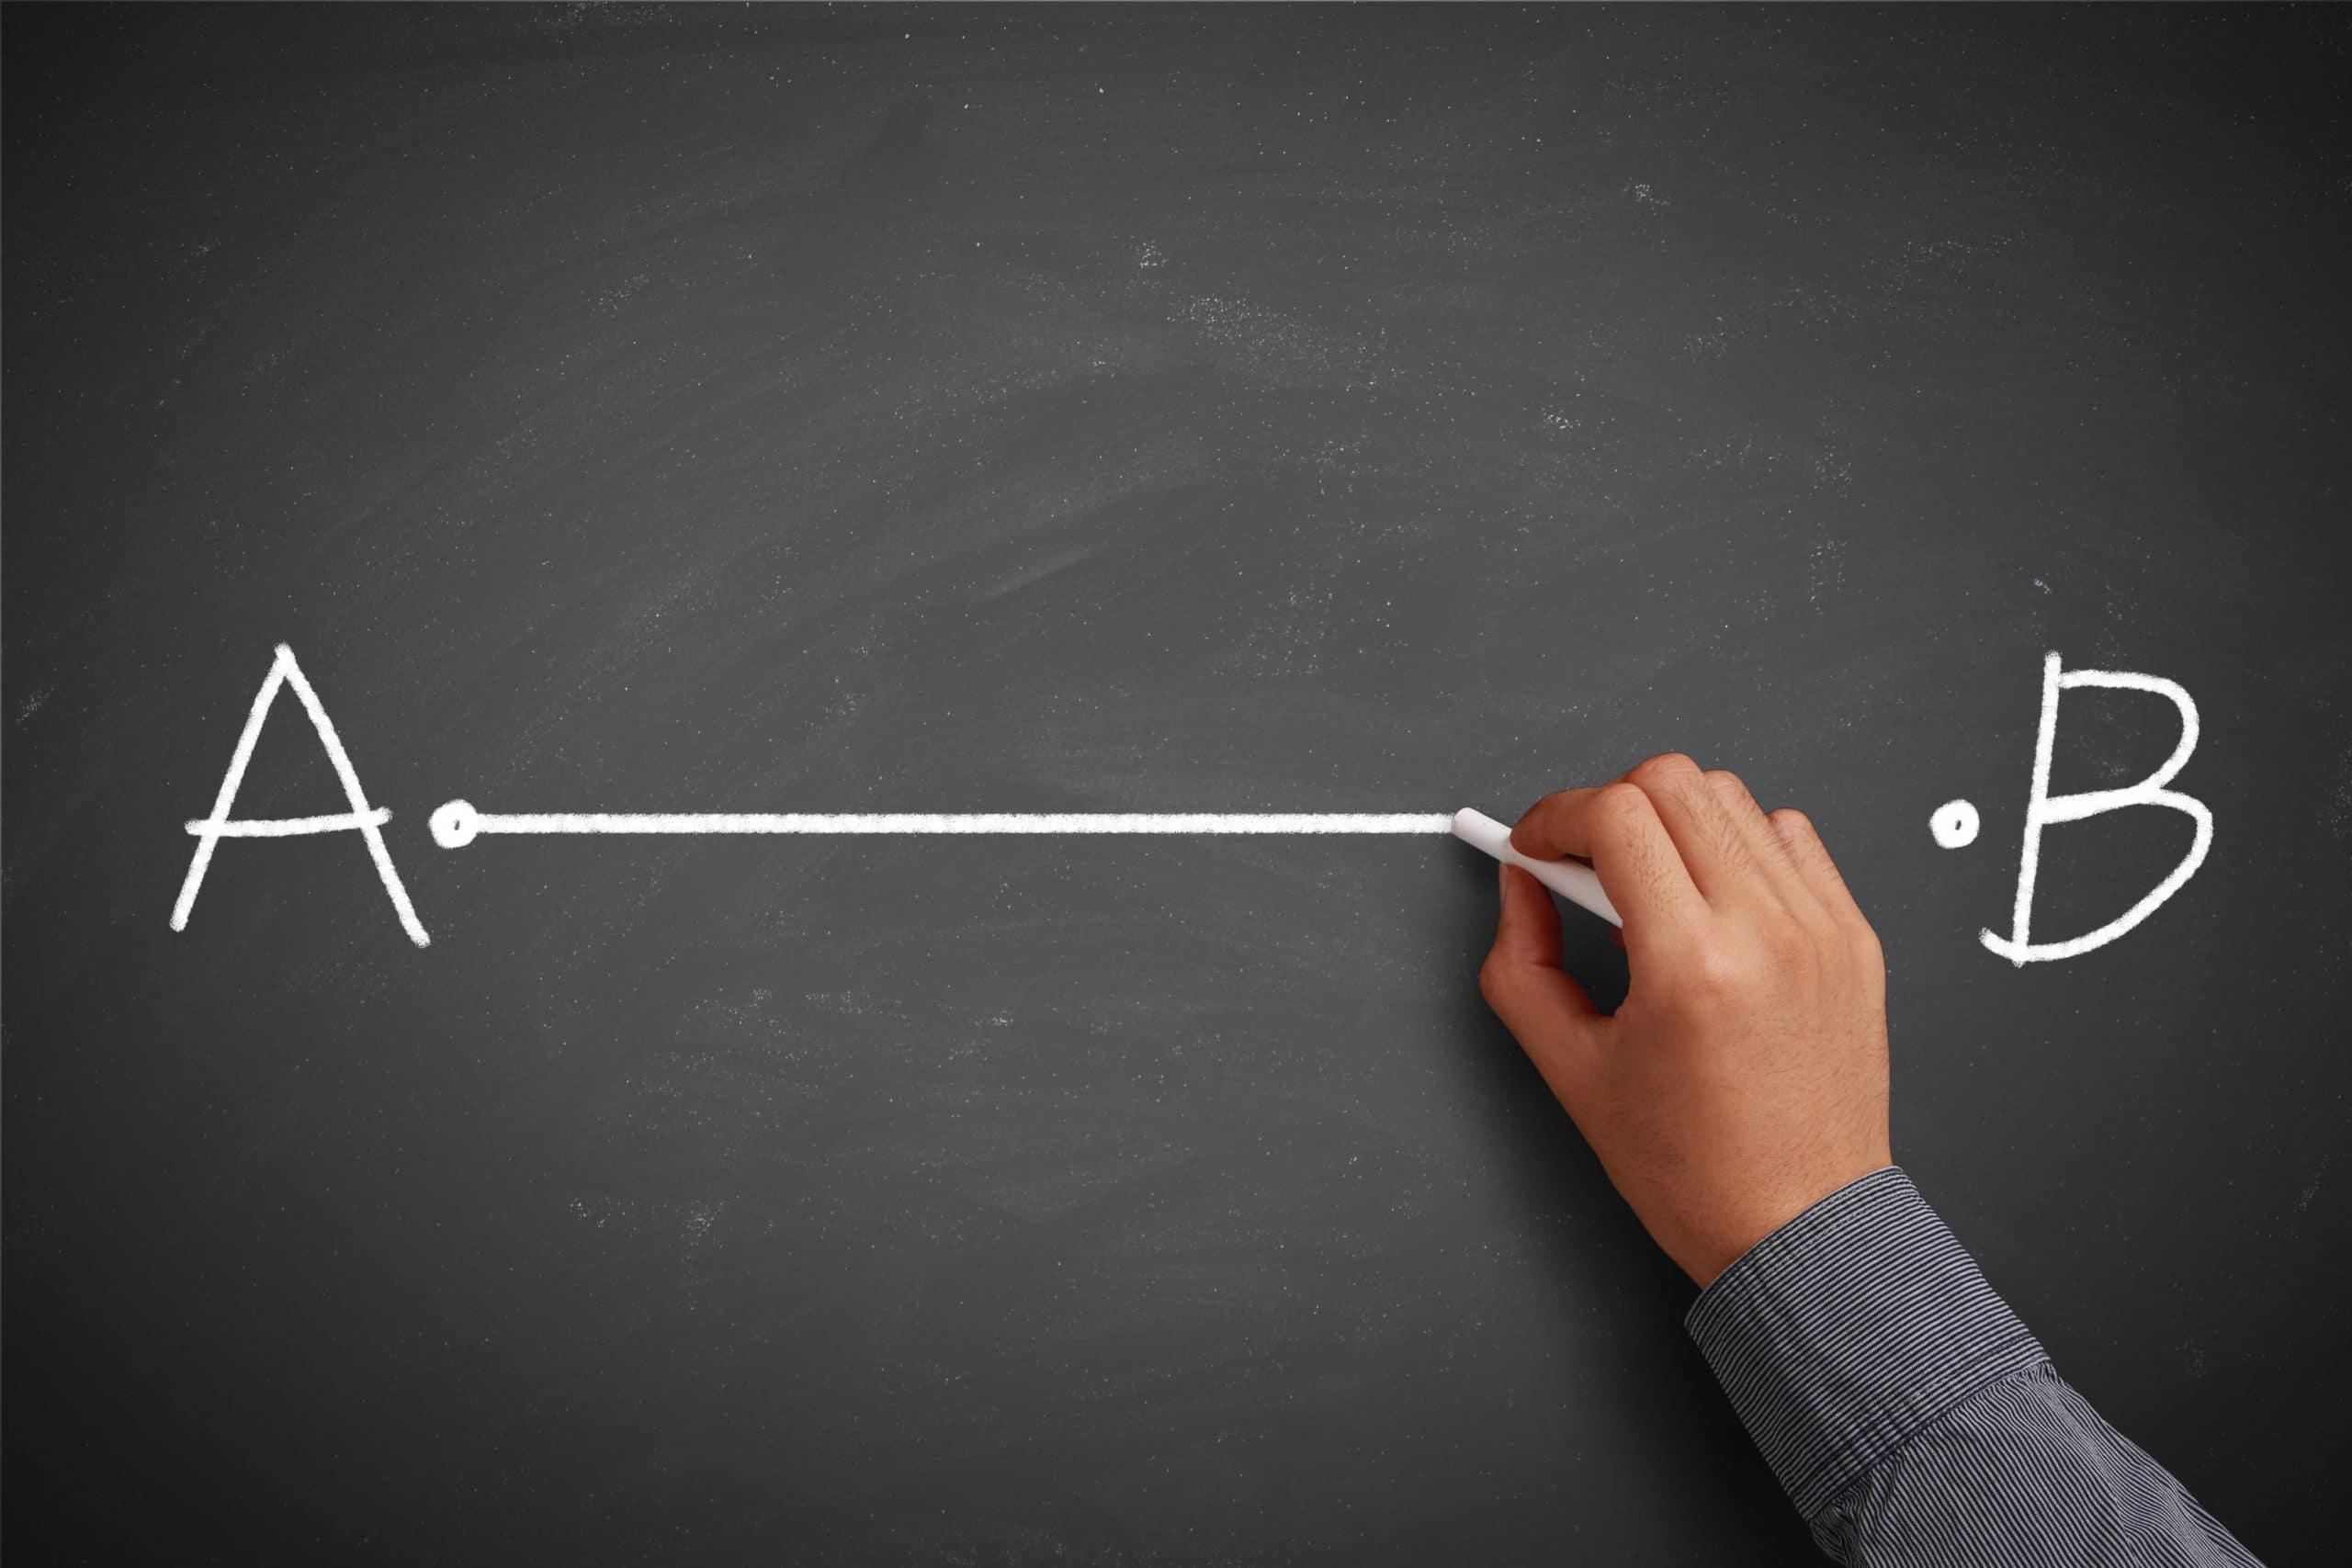 Mão traçando uma linha entre o ponto A e B em uma lousa.